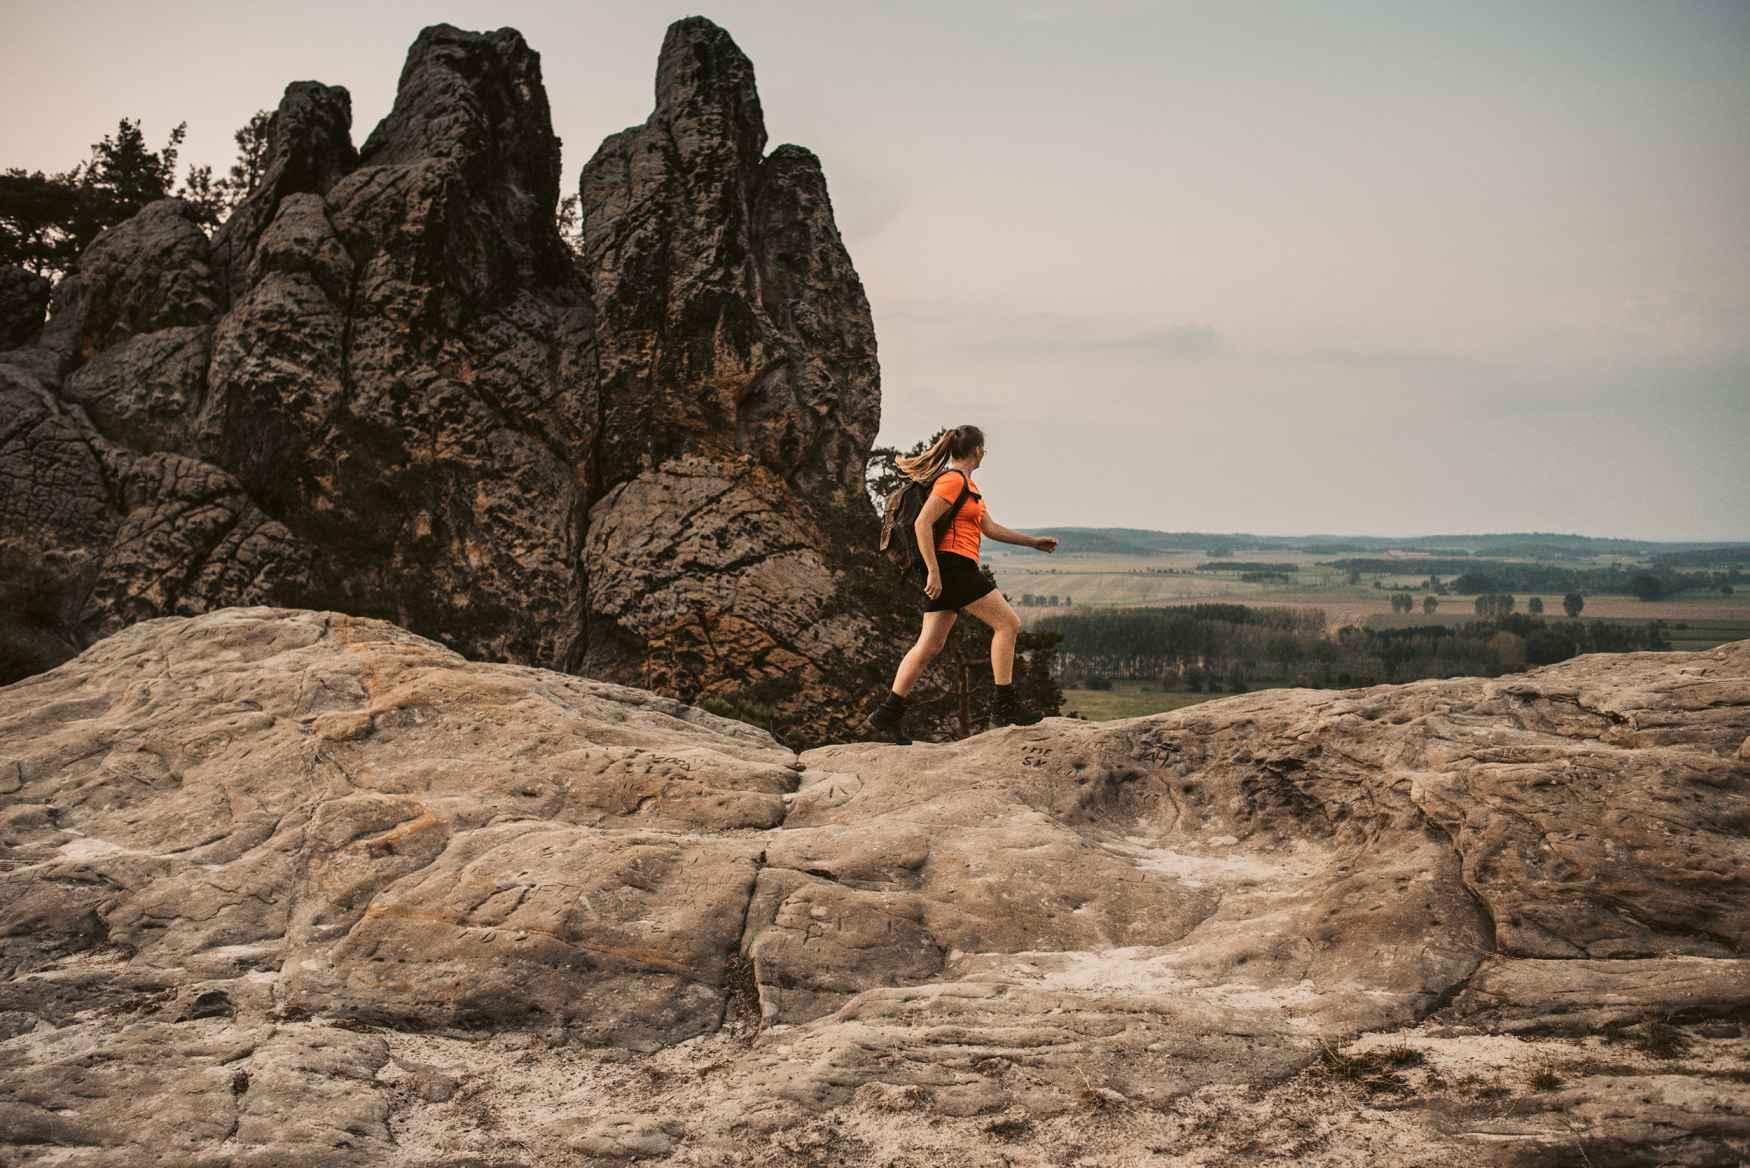 De RENEGADE GTX MID Ws – een multitalent, speciaal voor vrouwen, dat zich heeft ontwikkeld tot cultschoen. De klassieker onder de multifunctionele schoenen biedt ook na twee decennia zijn waarde te hebben bewezen nog een tijdloos frisse look en het beste loop- en draagcomfort. De hoogwaardige schacht- en zoolconstructie zorgt voor een comfortabel draaggevoel en opent daarmee talloze toepassingsmogelijkheden. Zowel bij de drukke dagelijkse activiteiten als op een spontane tocht over verhard terrein is de RENEGADE GTX MID Ws de ideale metgezel.